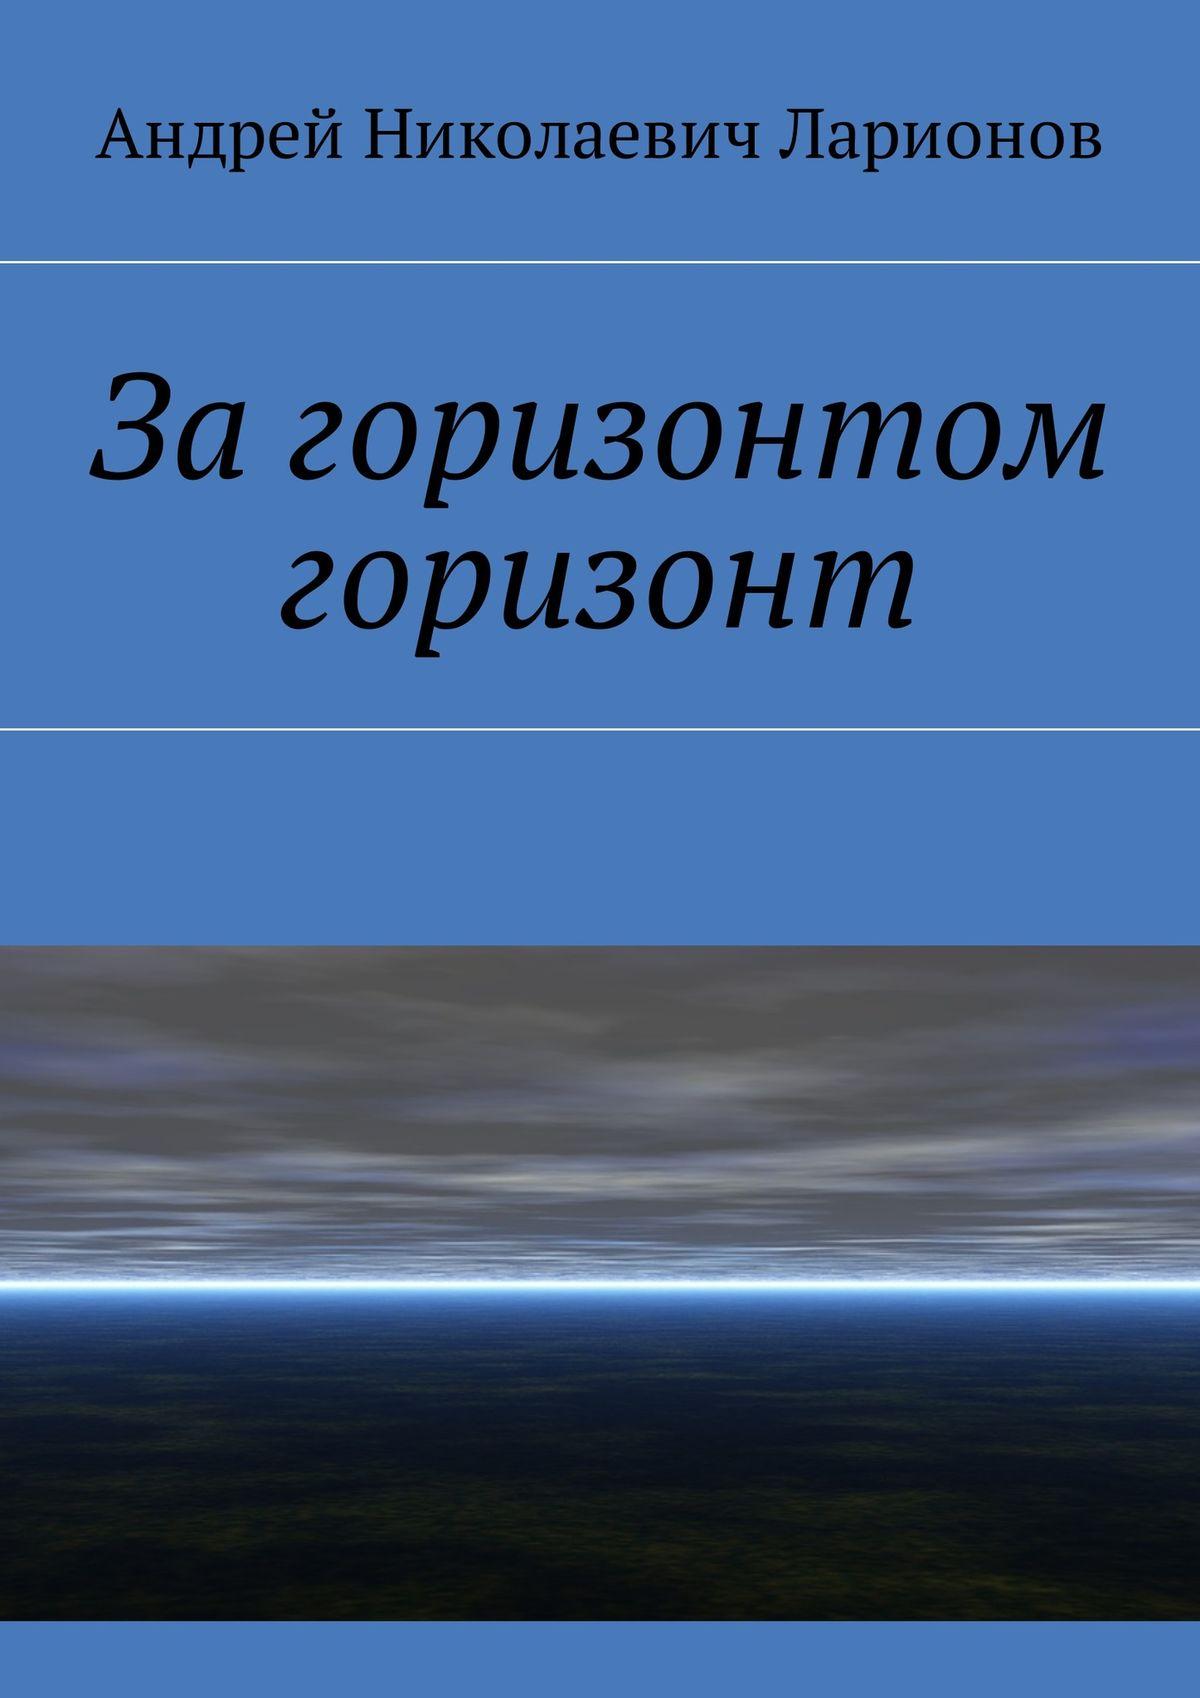 Андрей Николаевич Ларионов Загоризонтом горизонт зоберн владимир михайлович будущая загробная жизнь православное учение